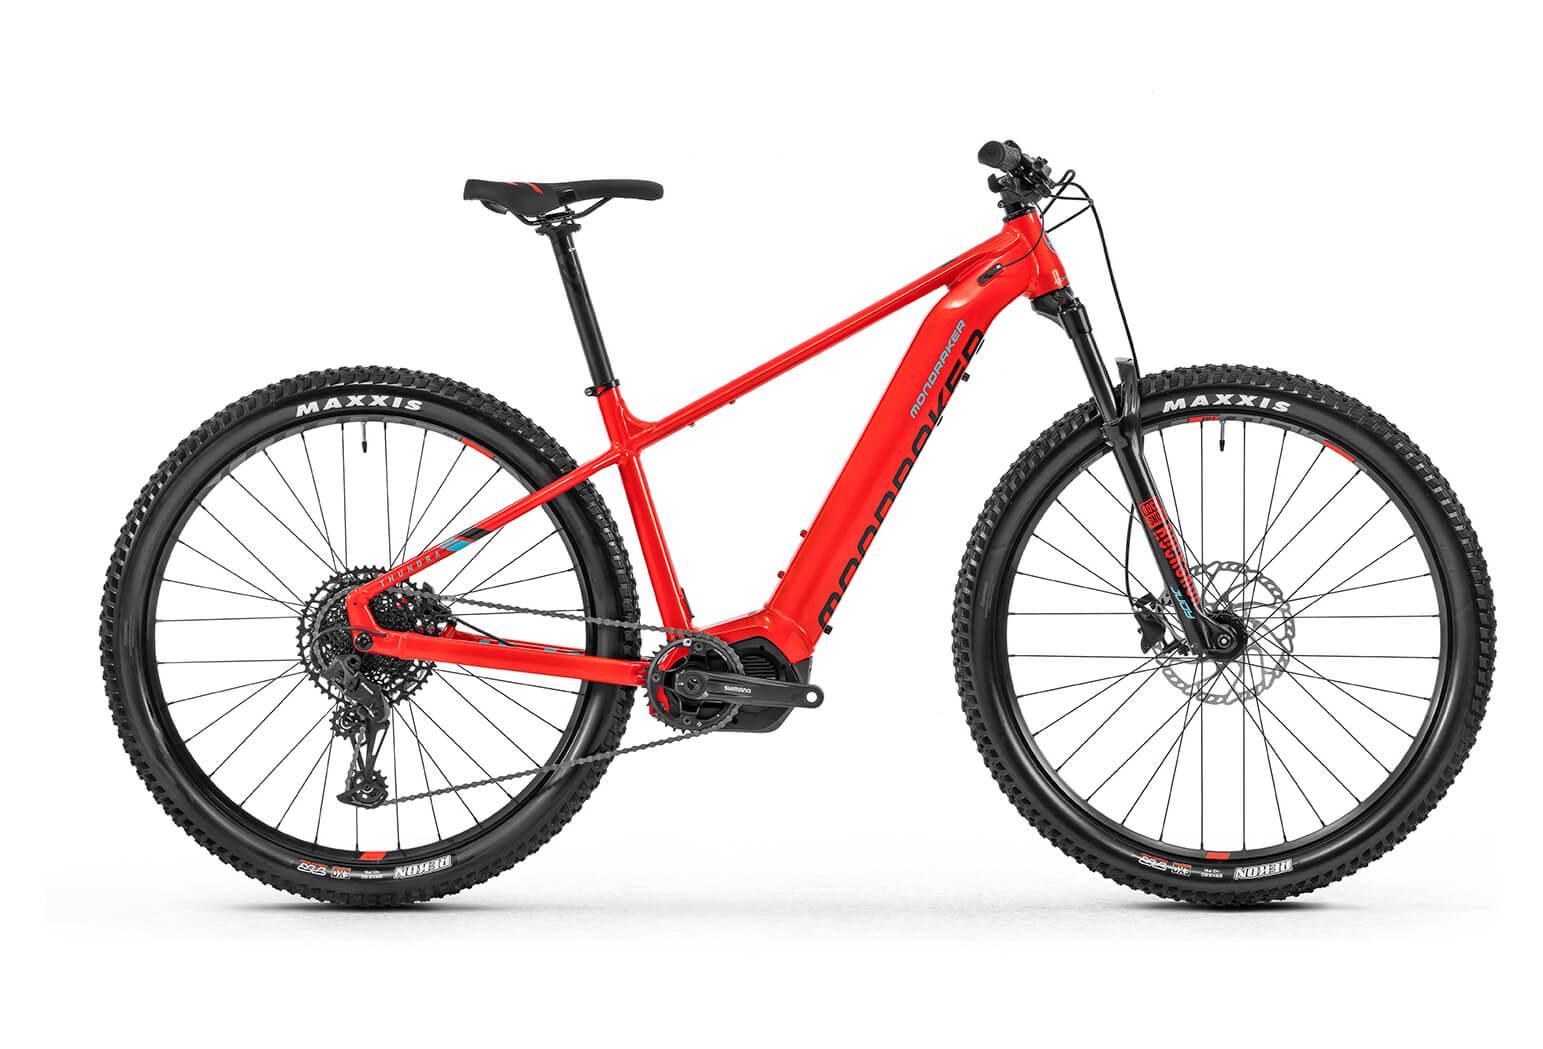 Bicicleta eléctrica de montaña mondraker